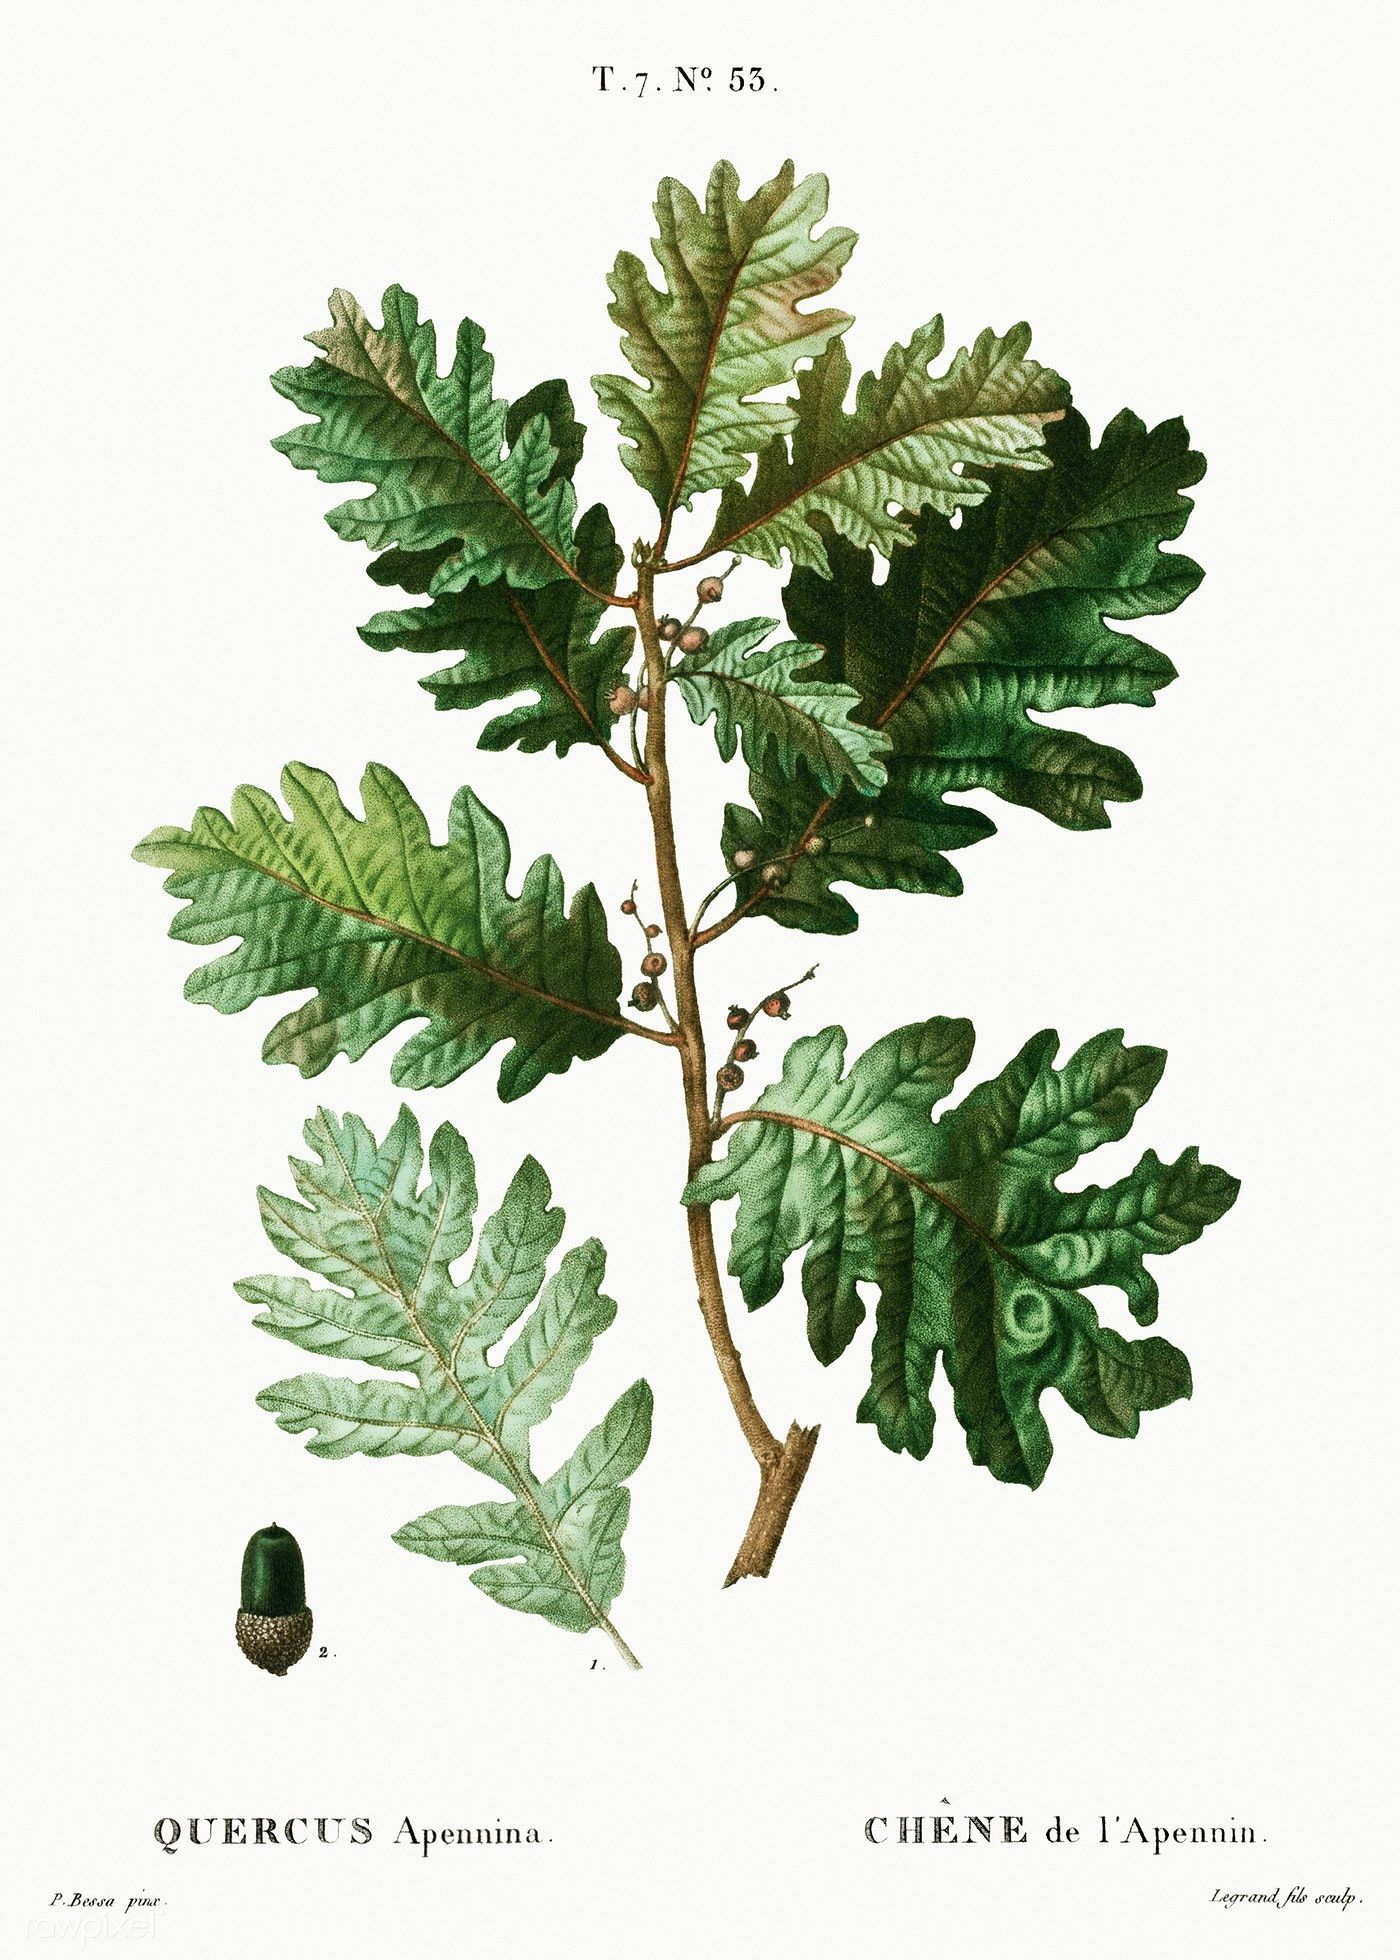 Hungarian oak (Quercus Apennina) from Traité des Arbres et